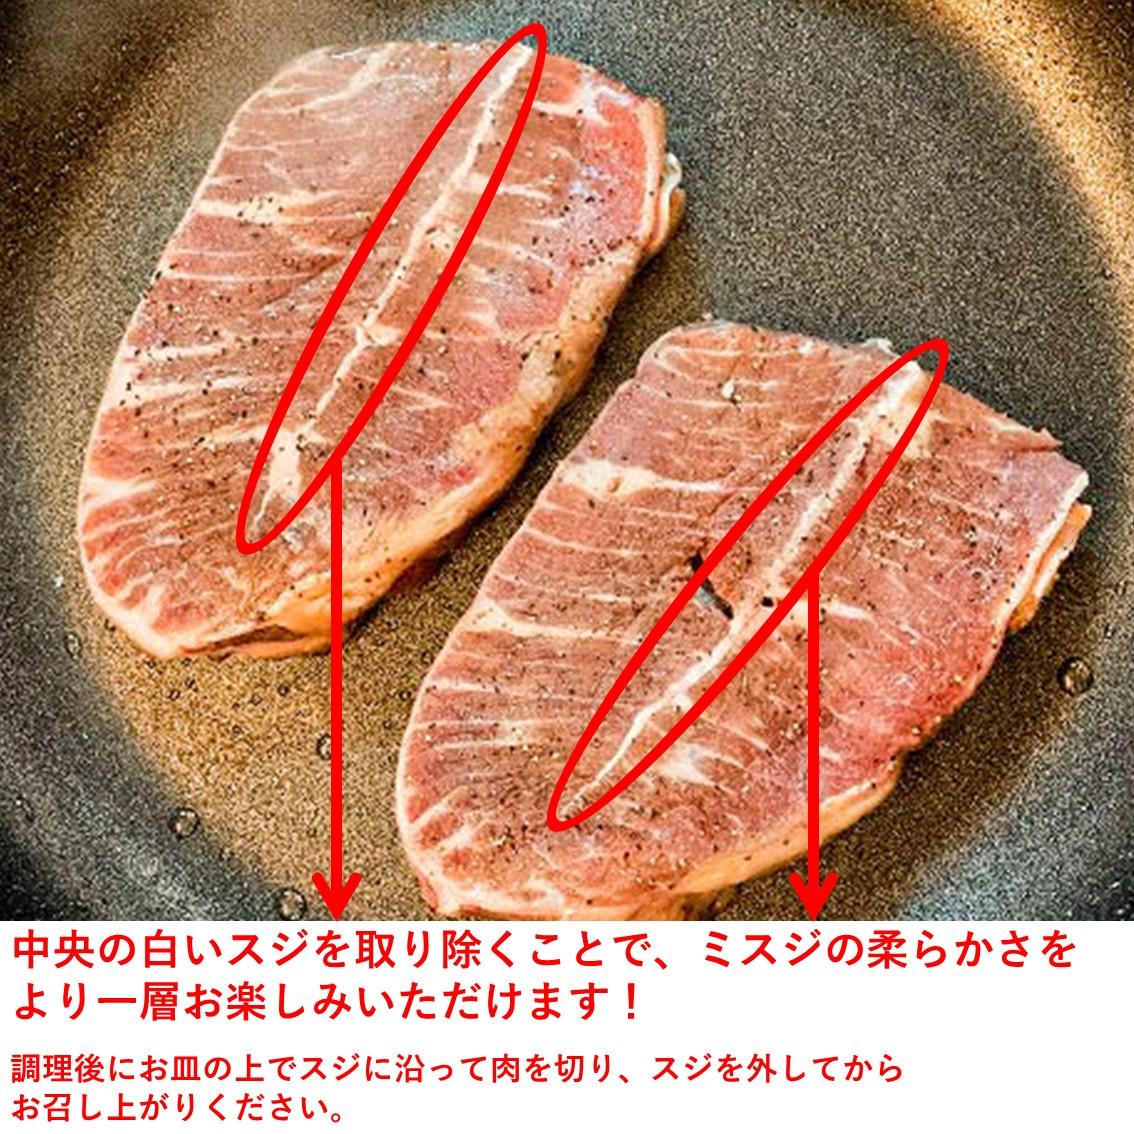 熟成赤身のミスジステーキ【カナディアンビーフ】800g(約200g×4枚)